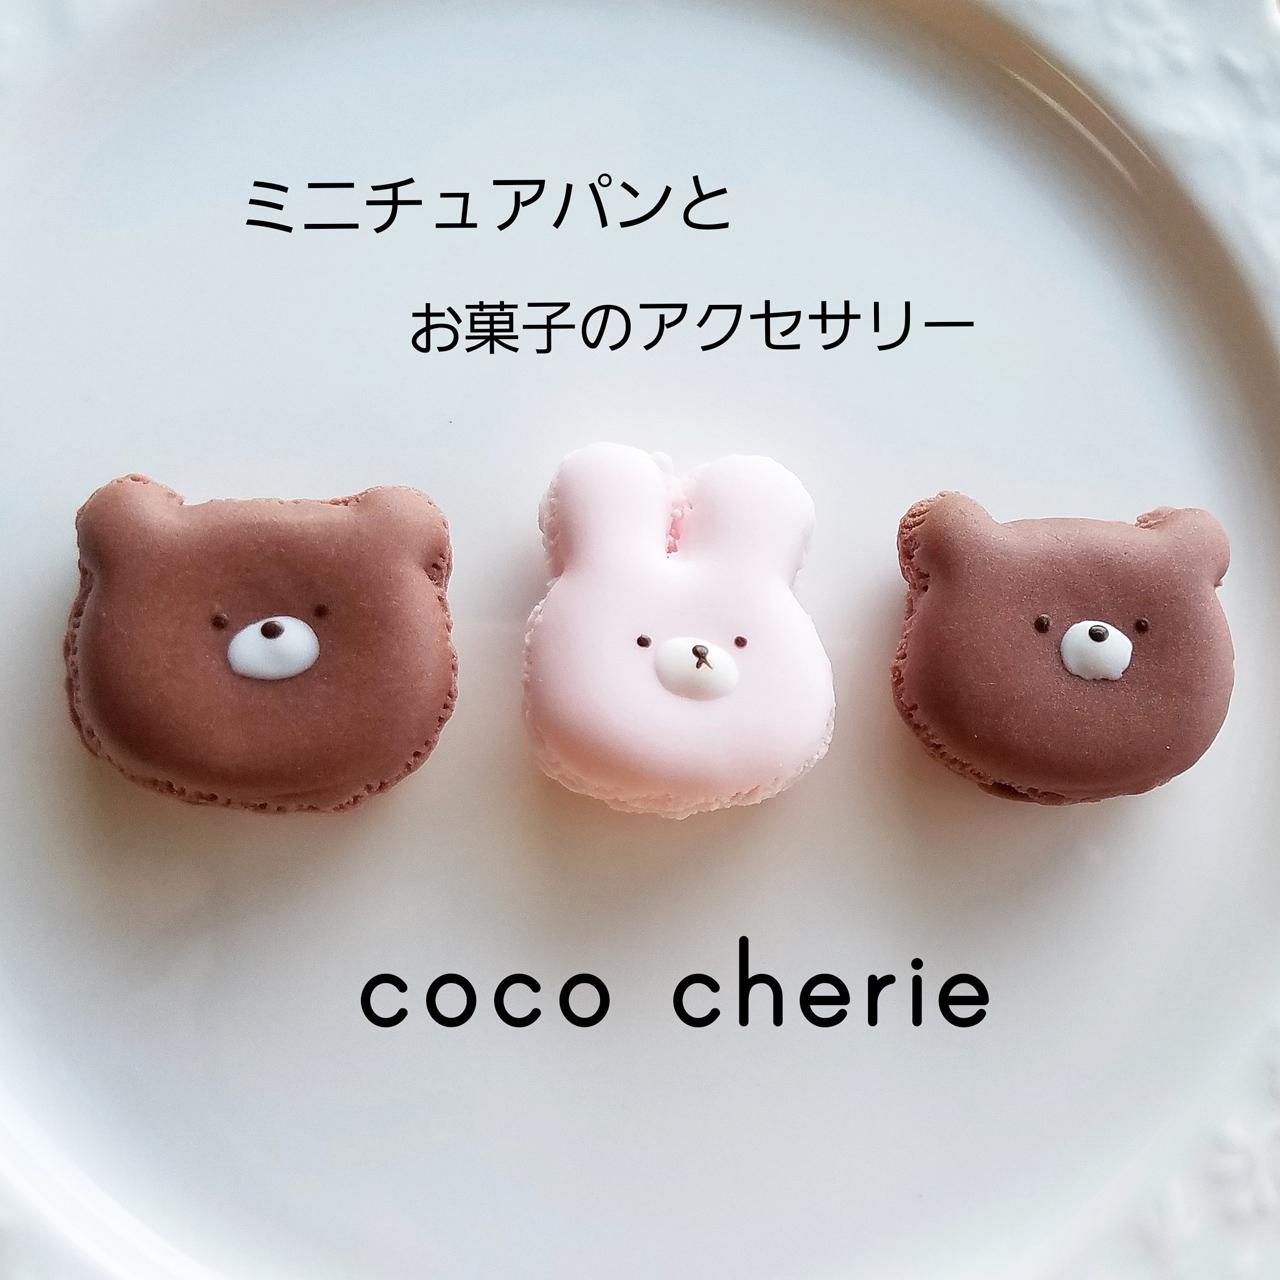 coco cherie ココシェリー